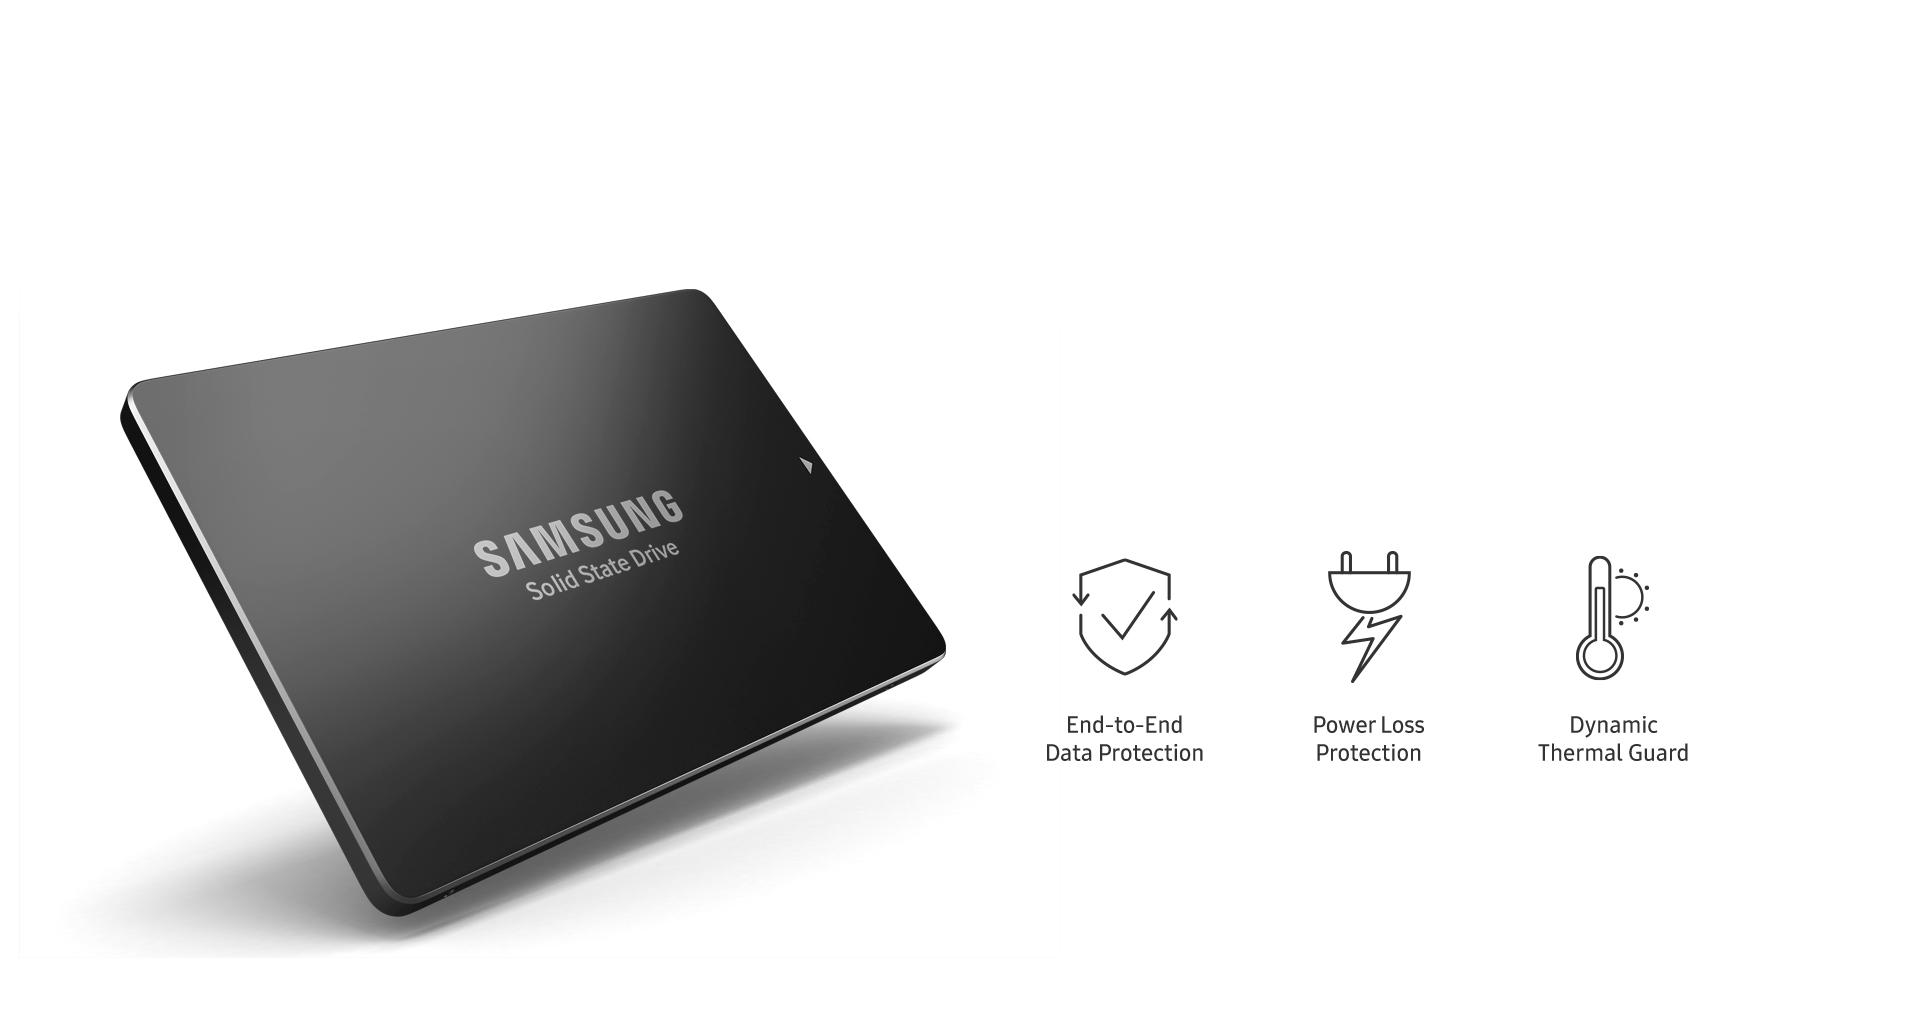 Samsung SSD SM863a 960GB